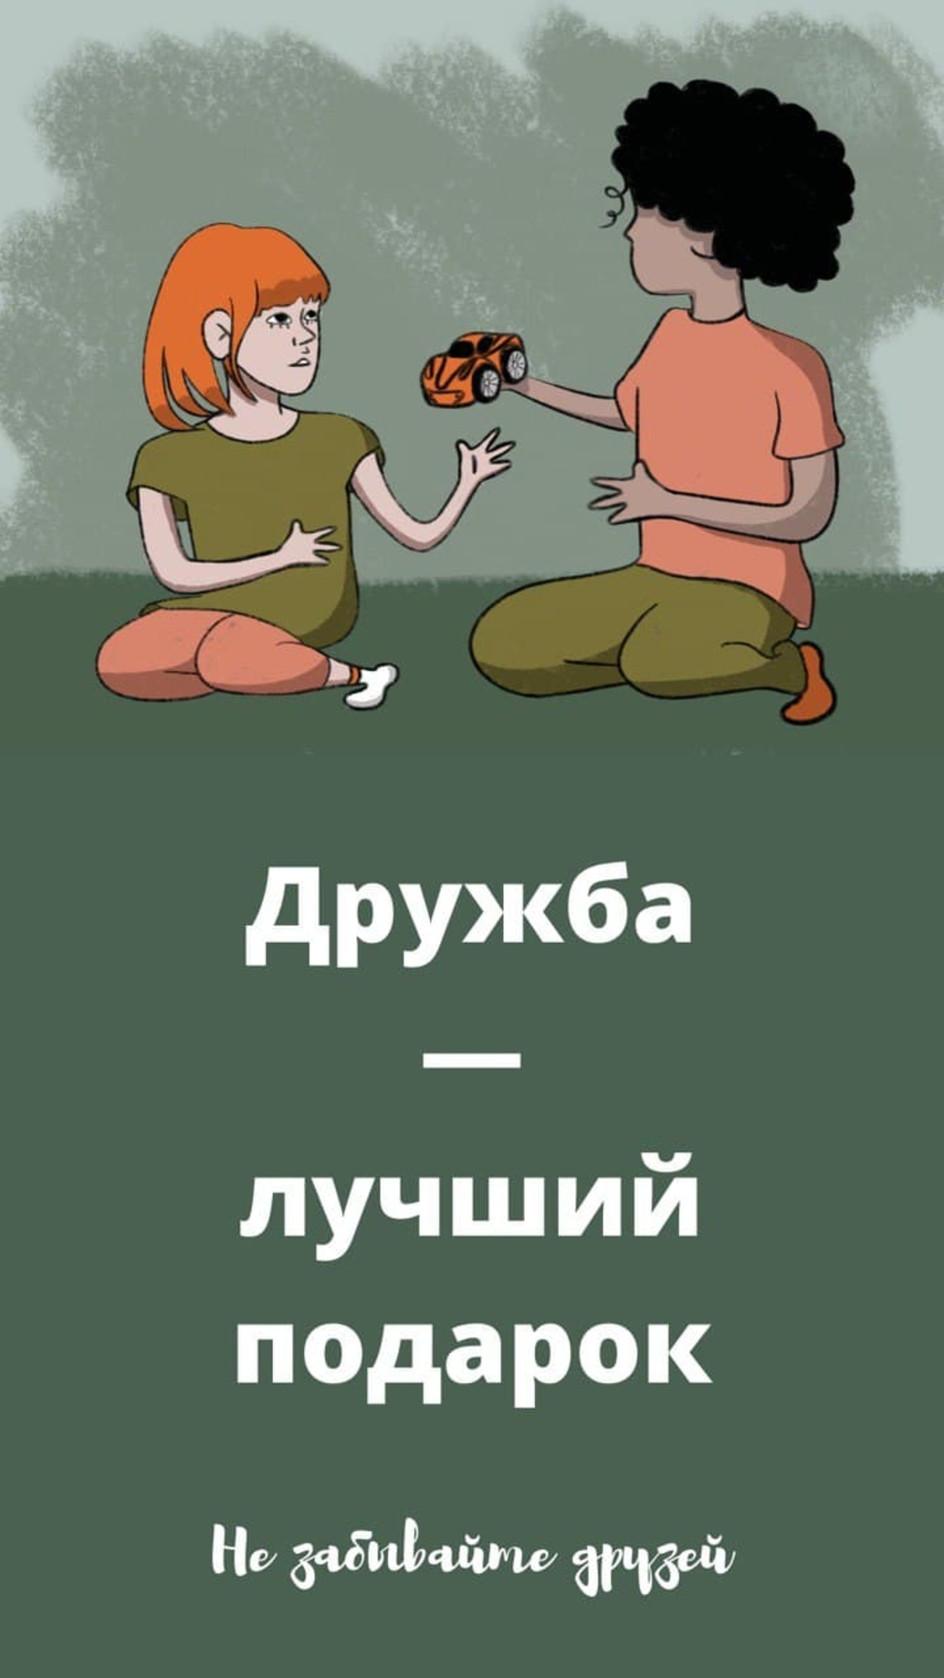 Левичева Виталина.. Счастье есть.jpg